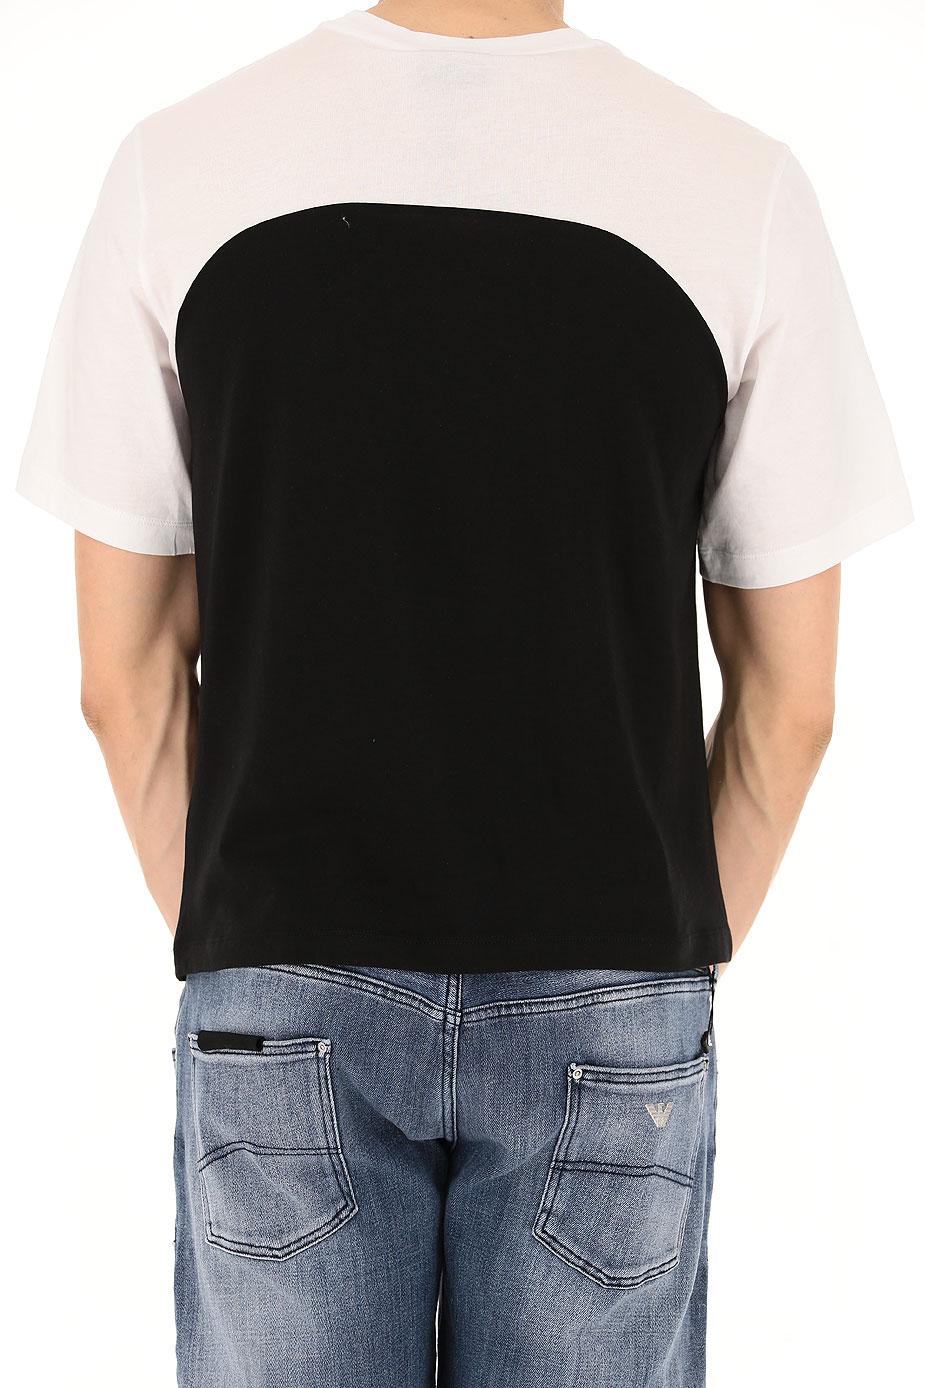 Jeans Ordentlich Berrygo Sexy Off Schulter Print Sommer Kleid Vintage Hohe Taille Strand Kleid 2018 Elegante Fit Und Flare Kurze Mädchen Kleider Frauen